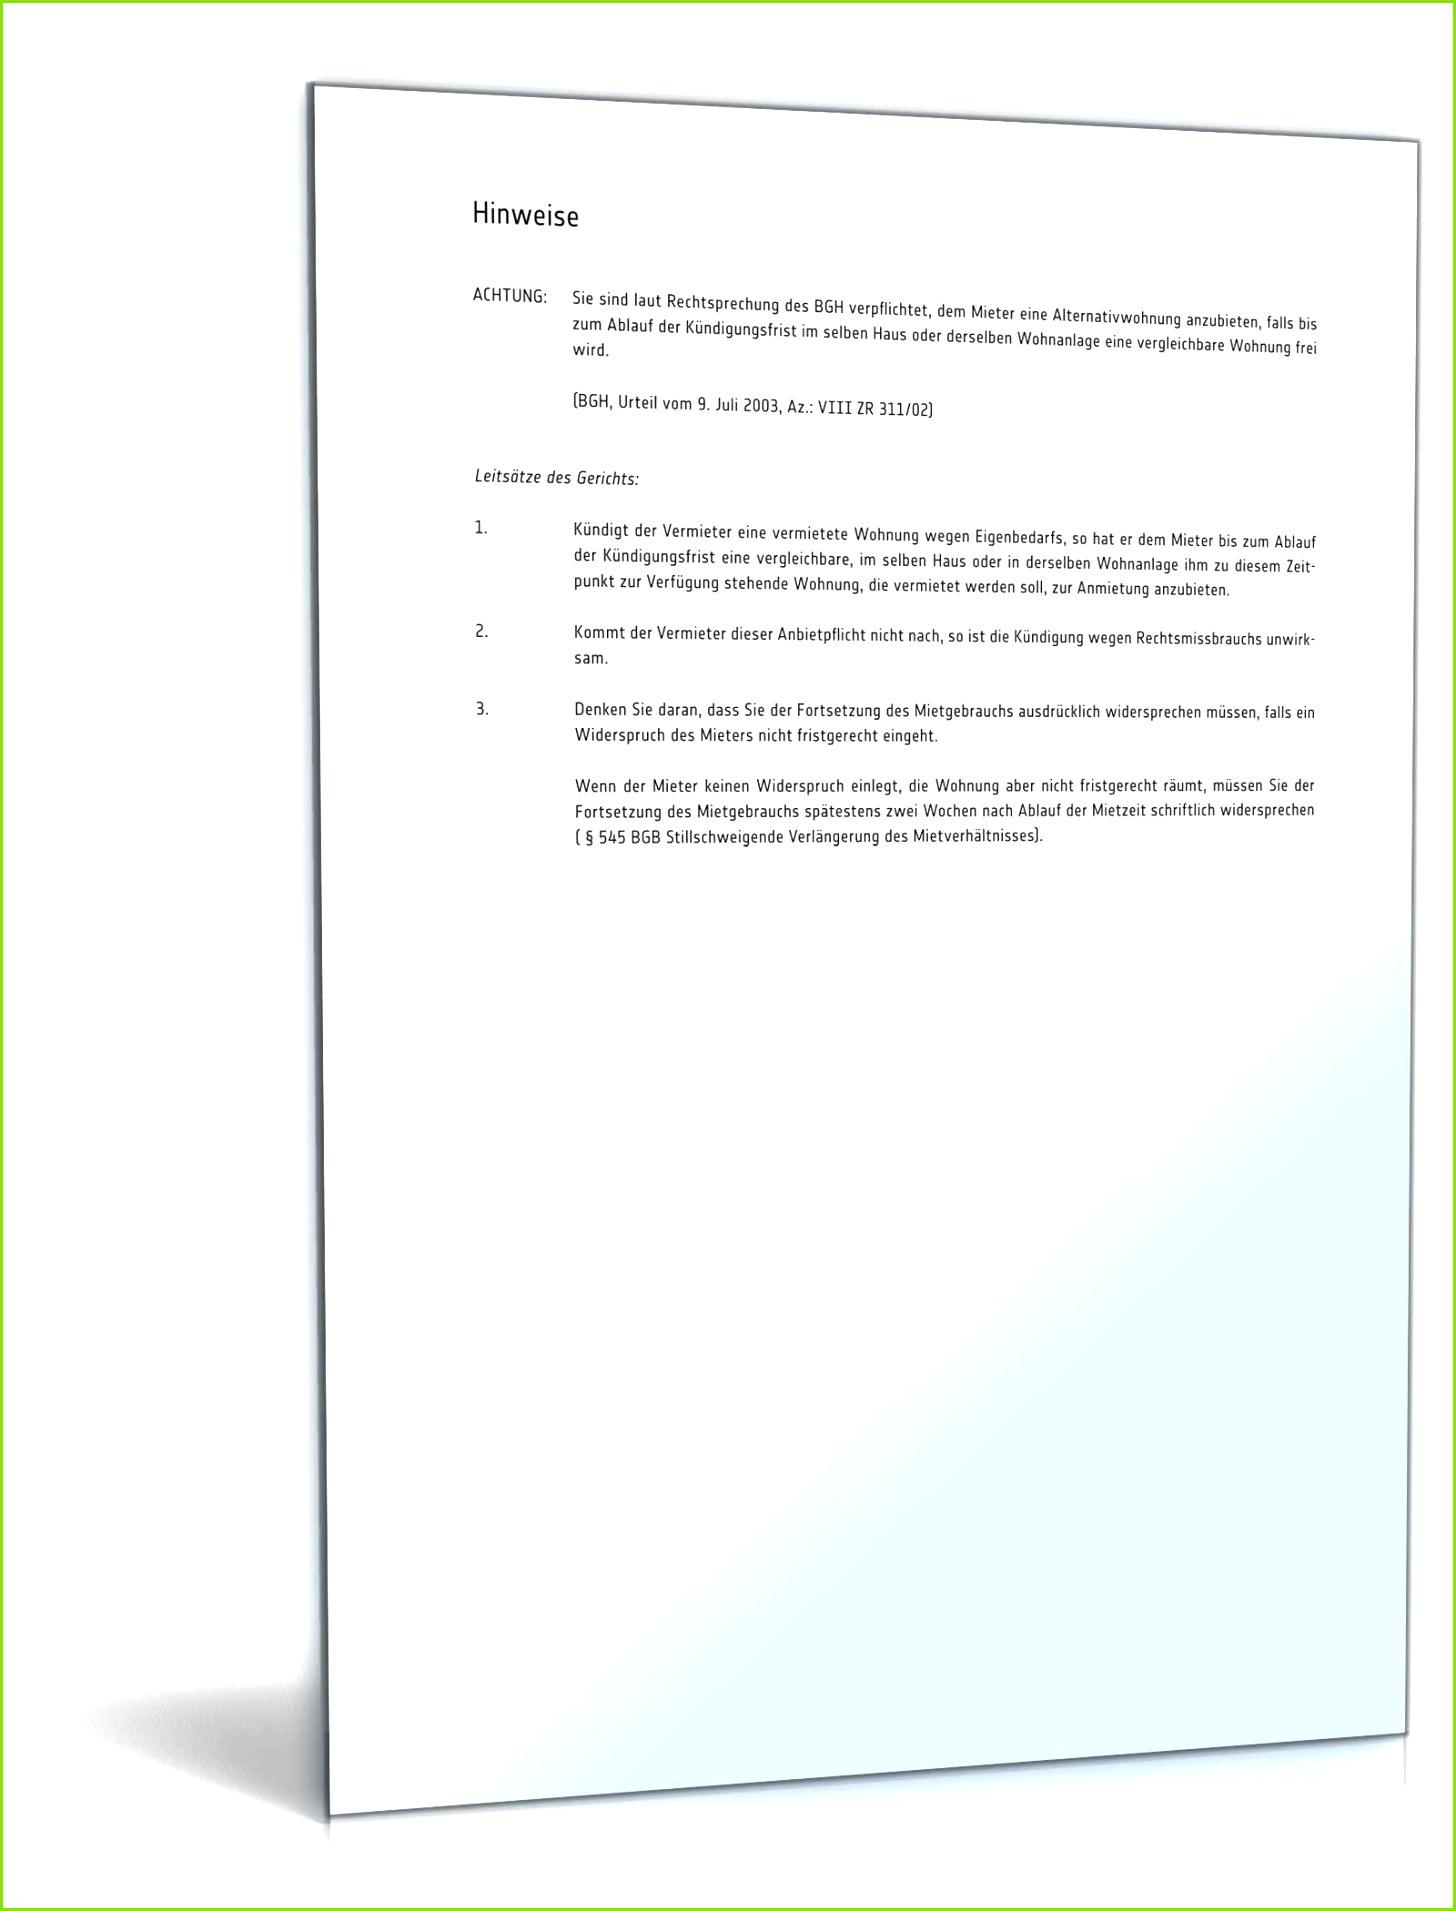 kündigung mietvertrag eigenbedarf muster zum Kundigung Wegen Eigenbedarf Muster kündigung mietvertrag wegen eigenbedarf vorlage kostenlos pdf